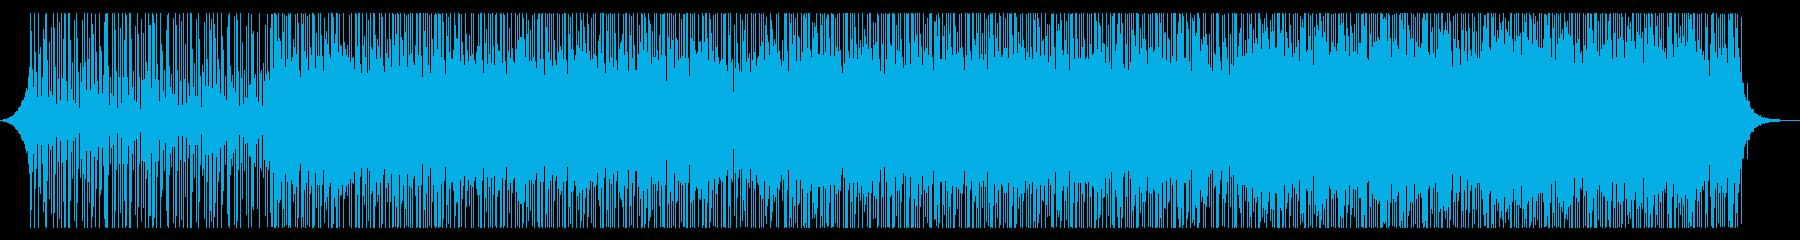 築き上げるの再生済みの波形